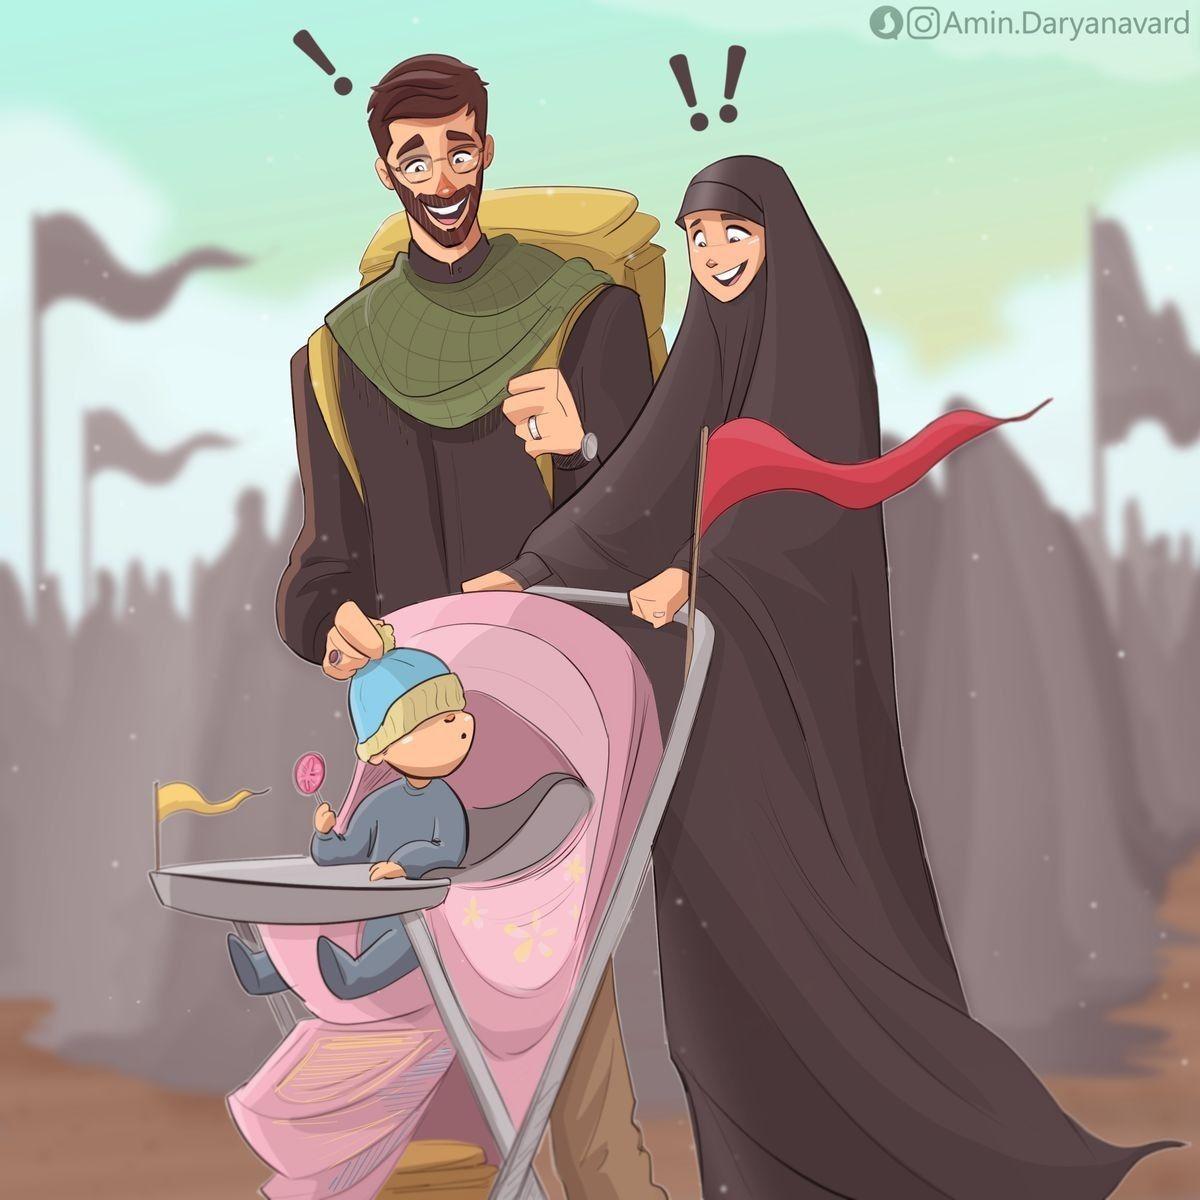 facebook cute cartoon profile islamic cartoon girl pic